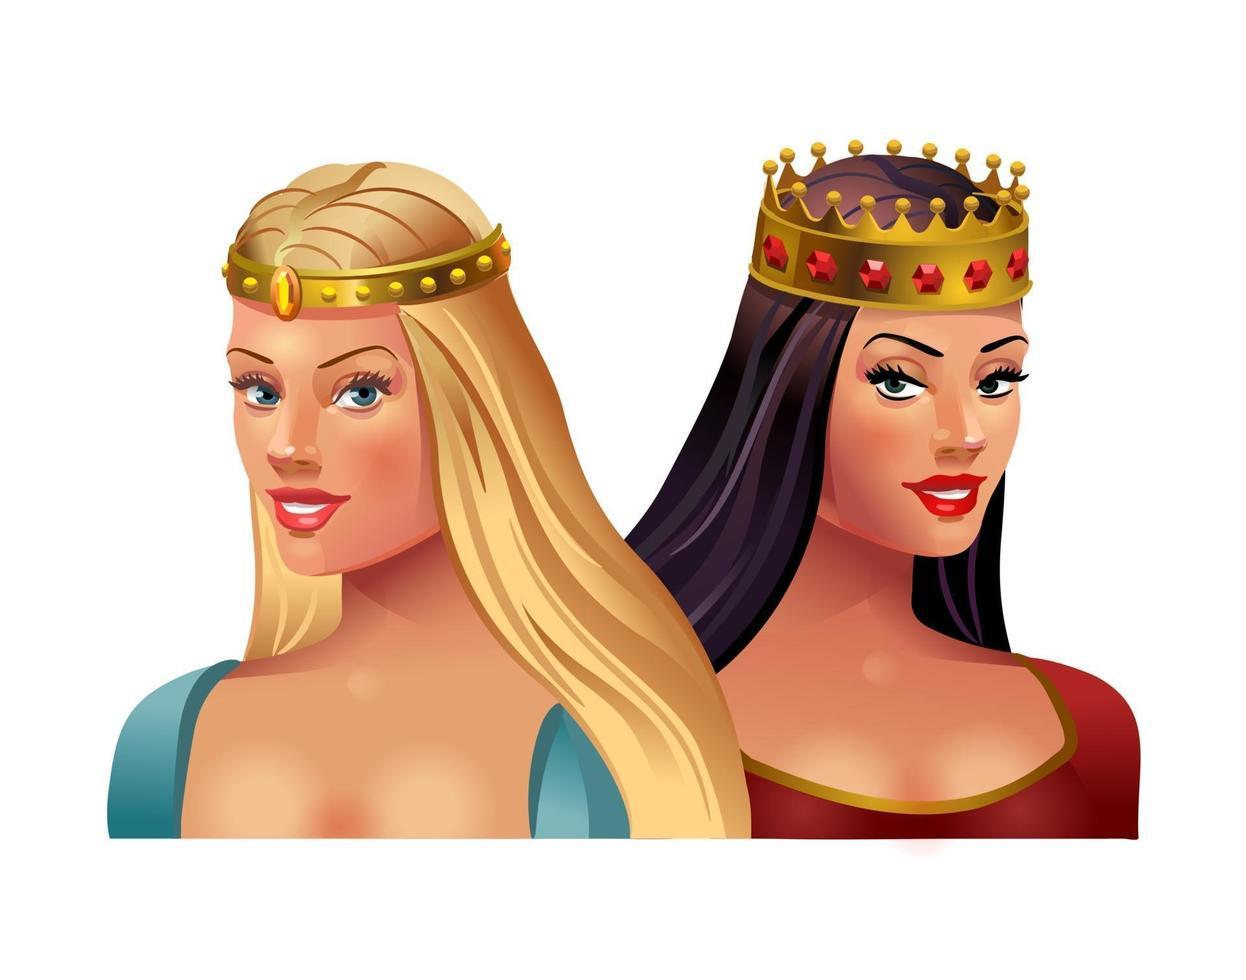 principessa bionda e bruna in corone su uno sfondo bianco. illustrazione vettoriale